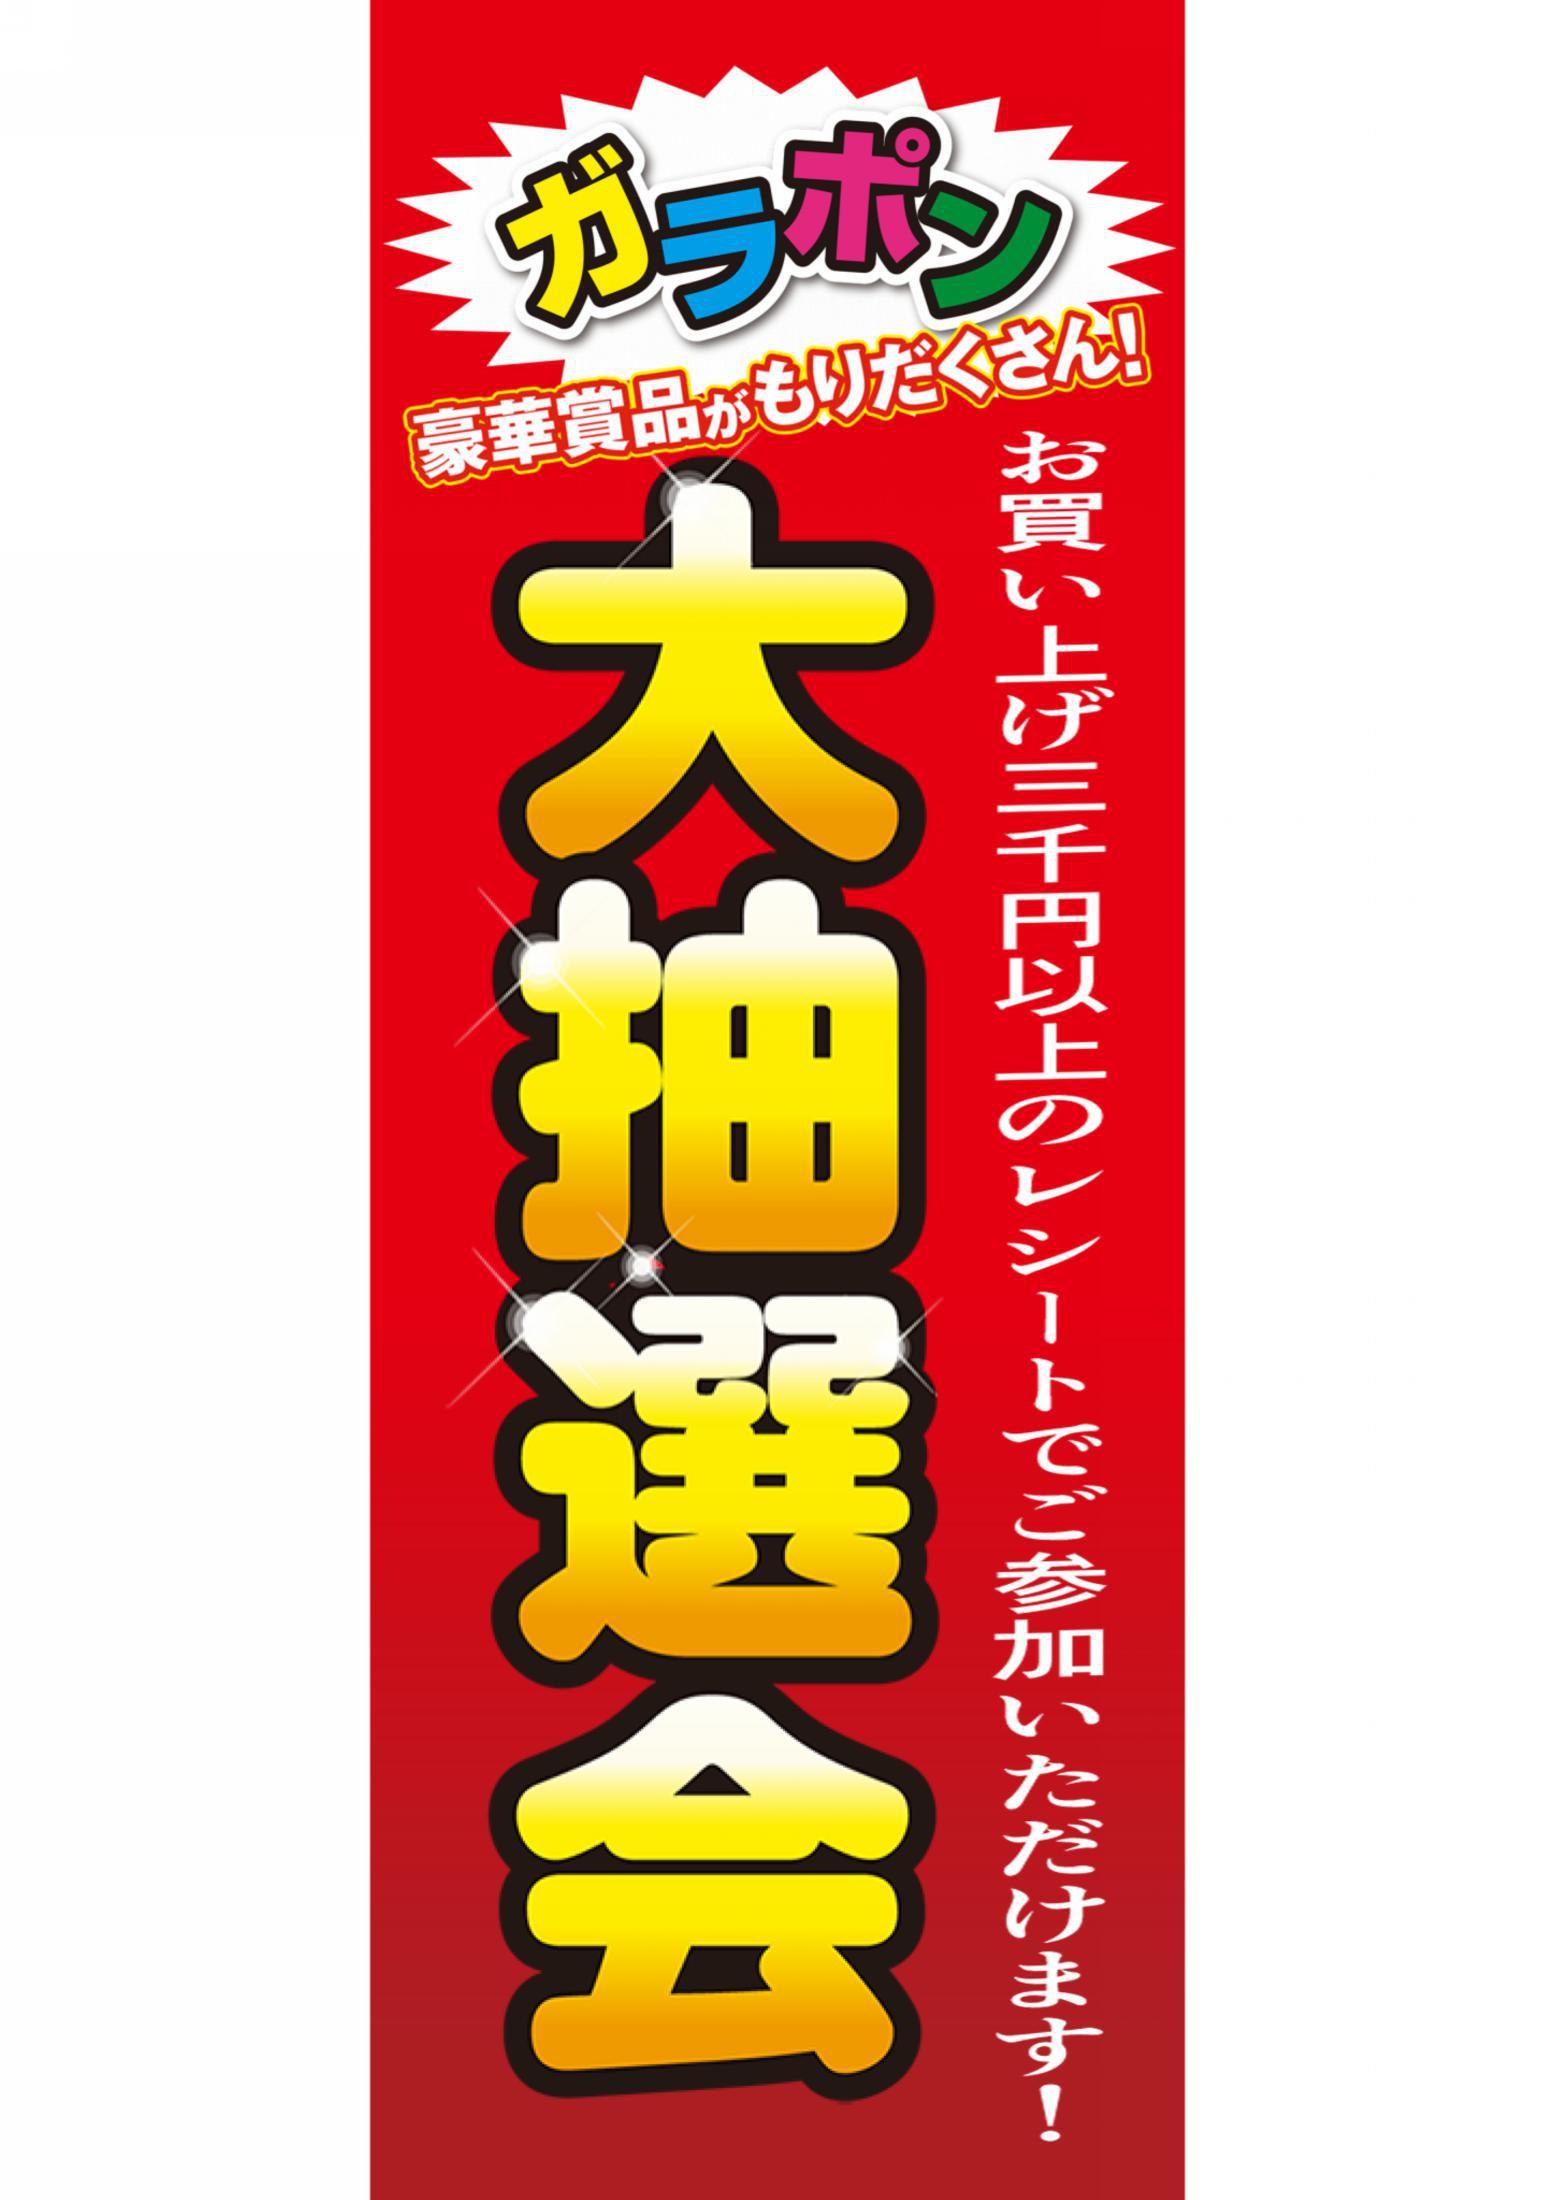 【告知】ガラポン大抽選会開催!今週金曜から!